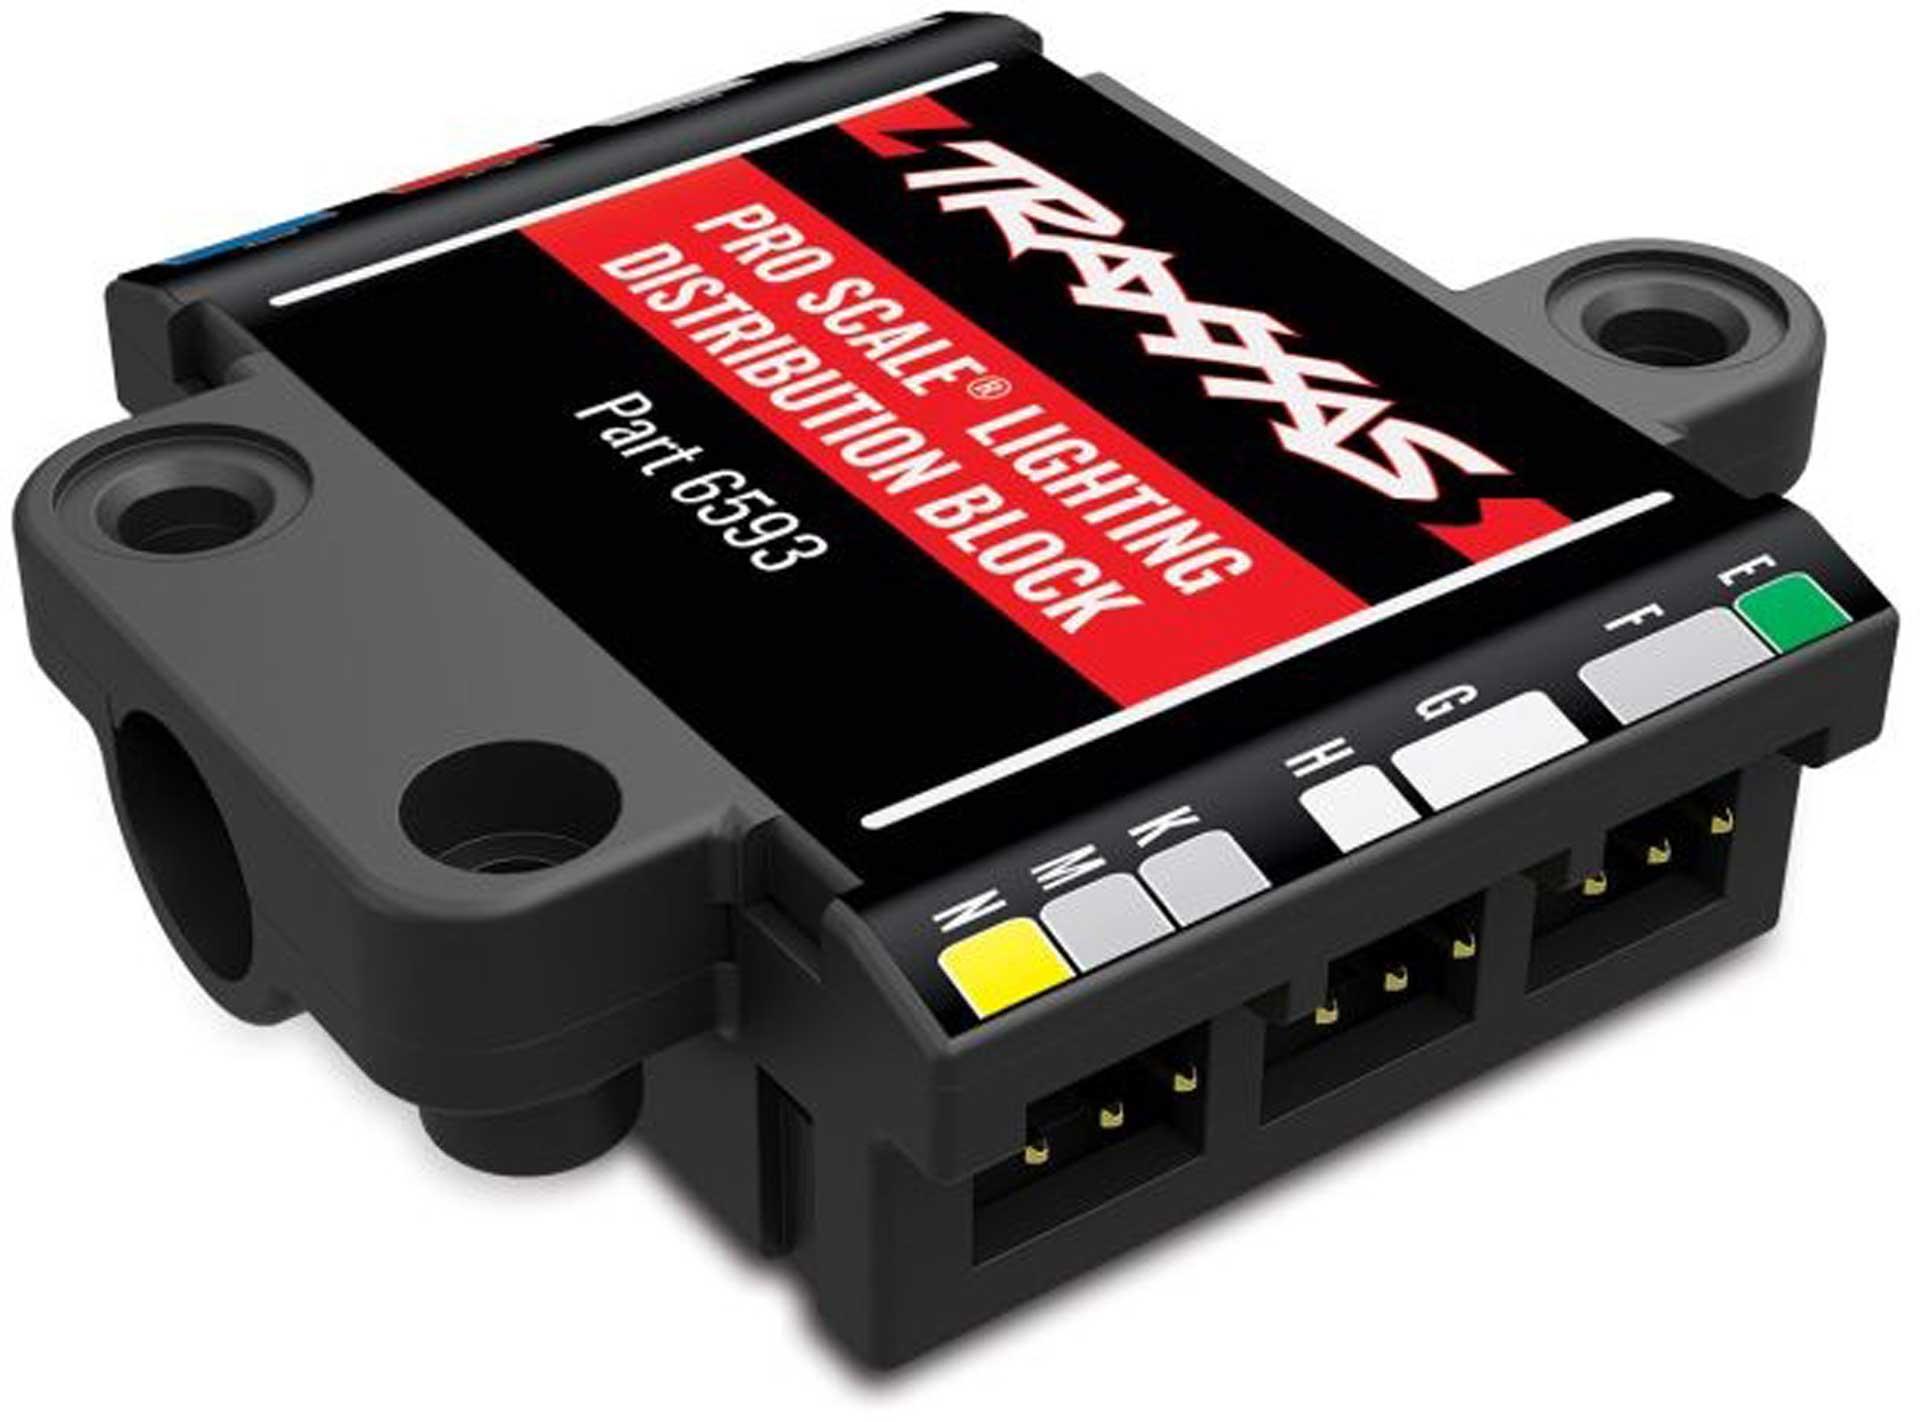 Traxxas PRO SCALE ADVANCED LICHT-CONTROL-SYSTEM NUR VERTEILER-BLOCK